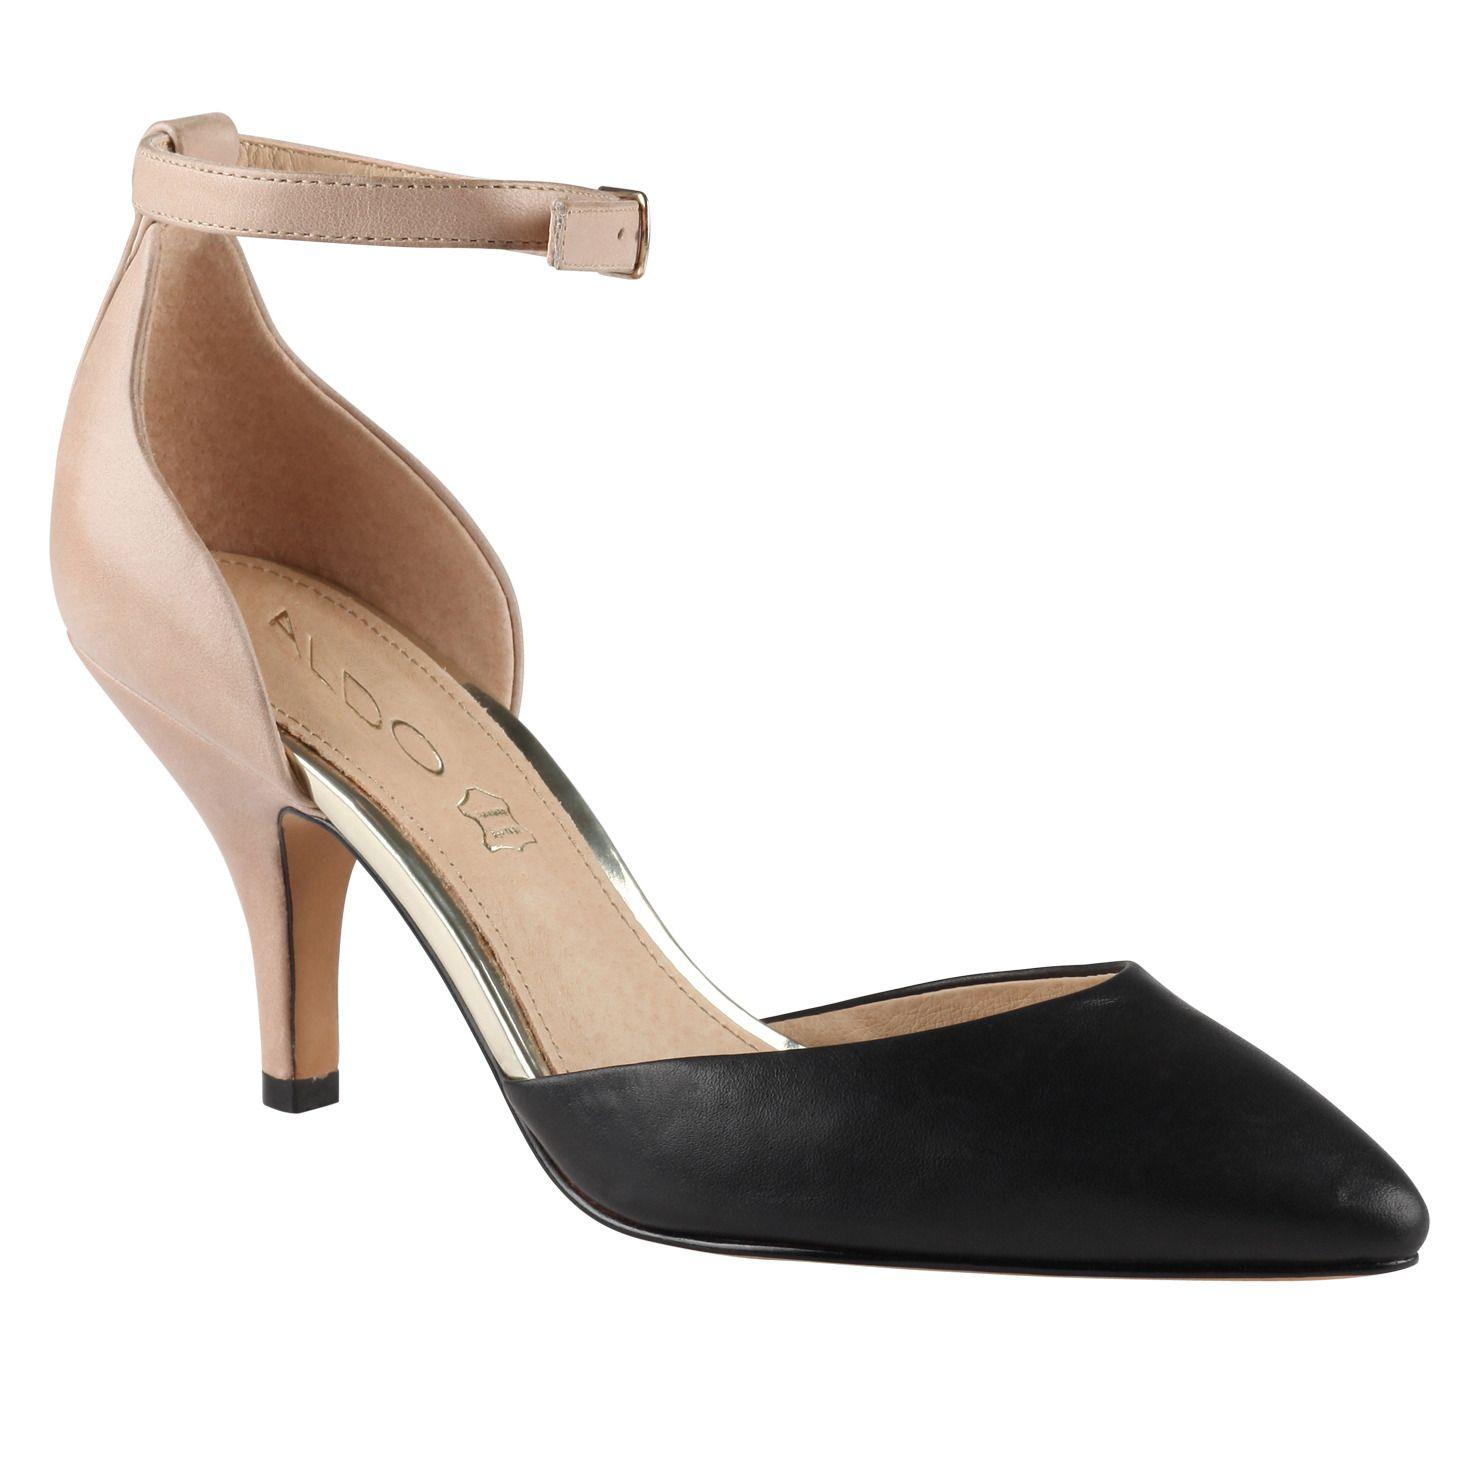 Bridal Shoes Aldo: Women's Low-mid Heels Shoes For Sale At ALDO